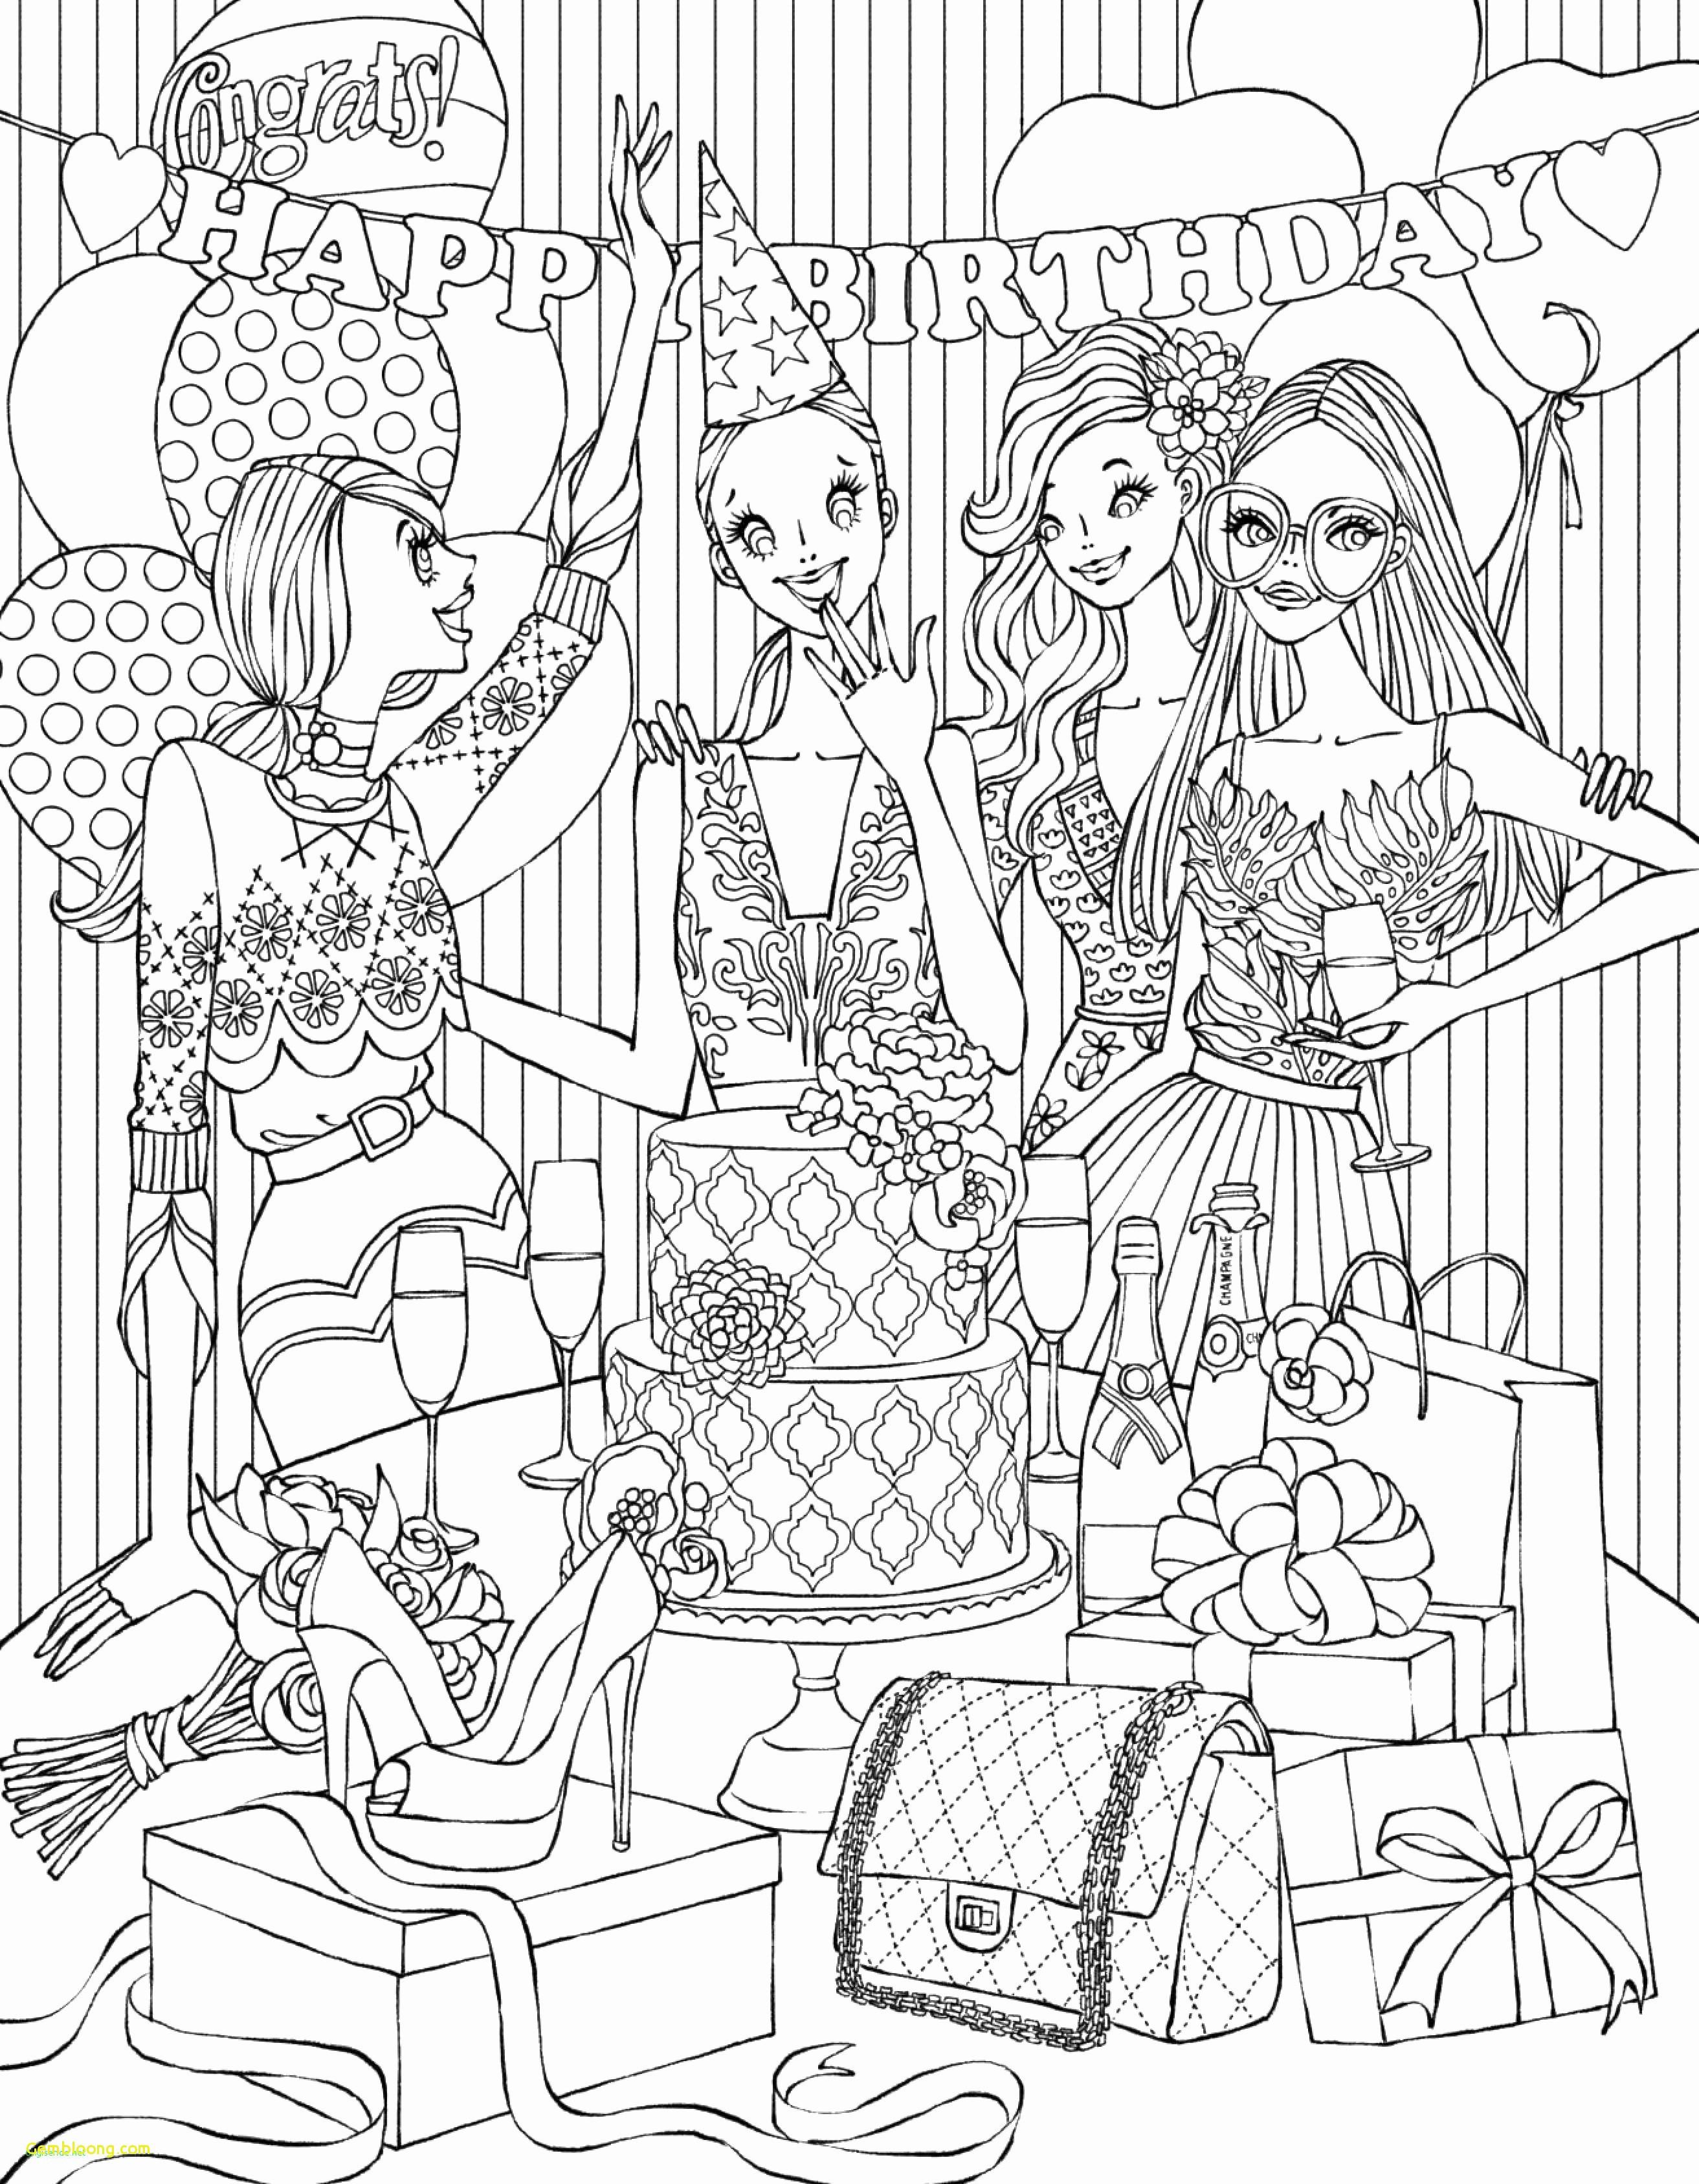 Ausmalbilder Queen Elizabeth Genial 50 Disney Princess Magazine Magazine Gallery Bilder